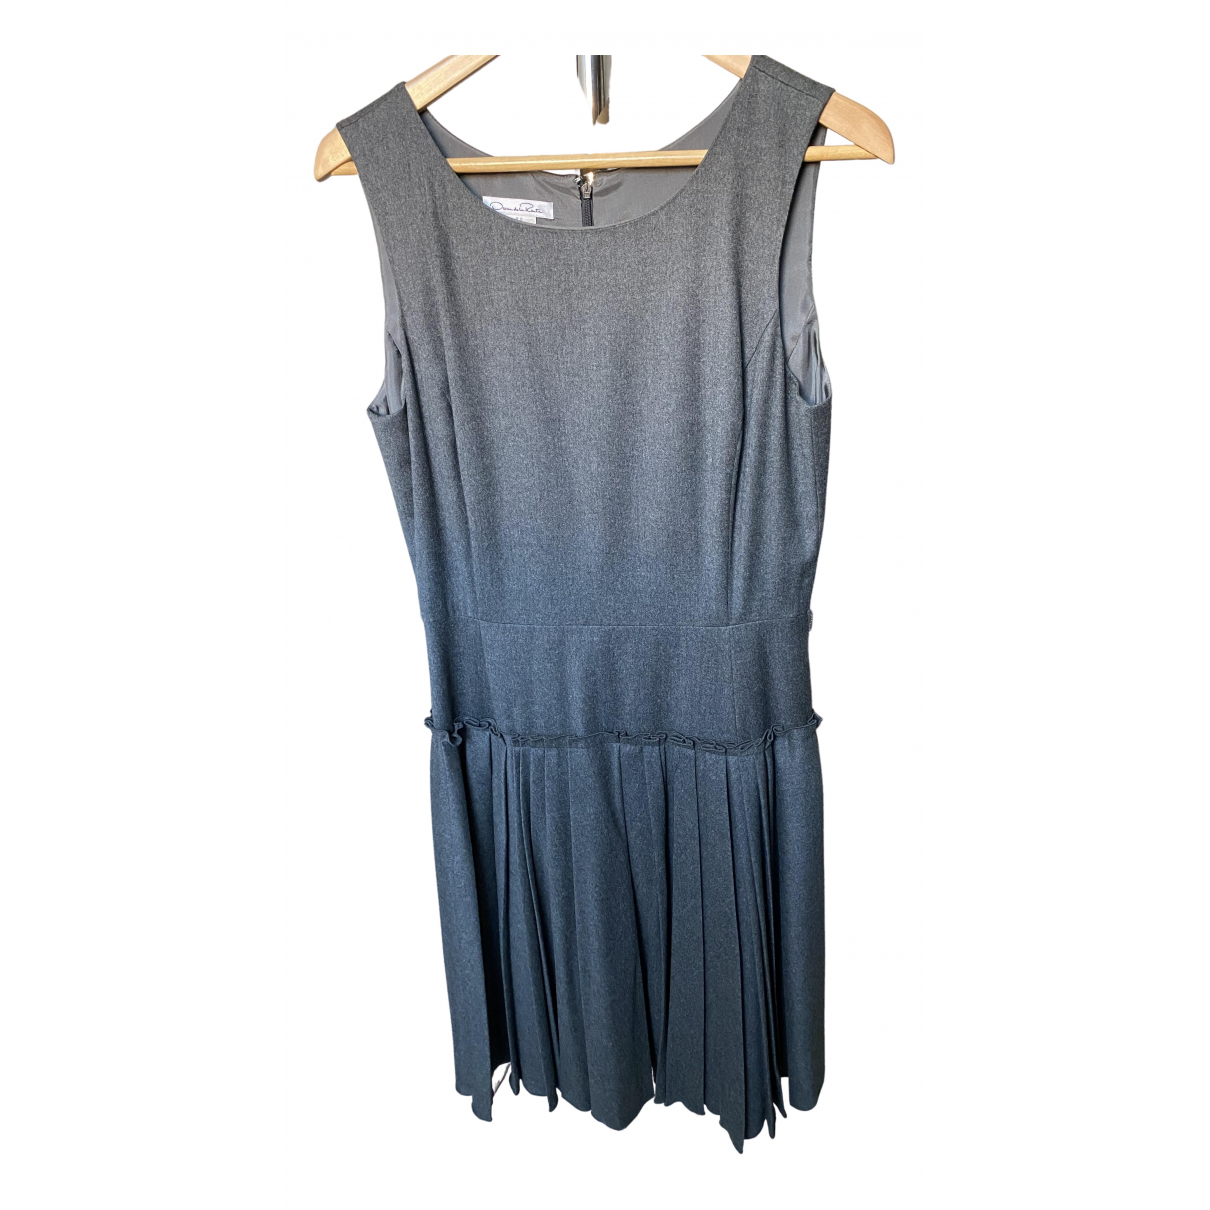 Oscar De La Renta \N Kleid in  Grau Wolle